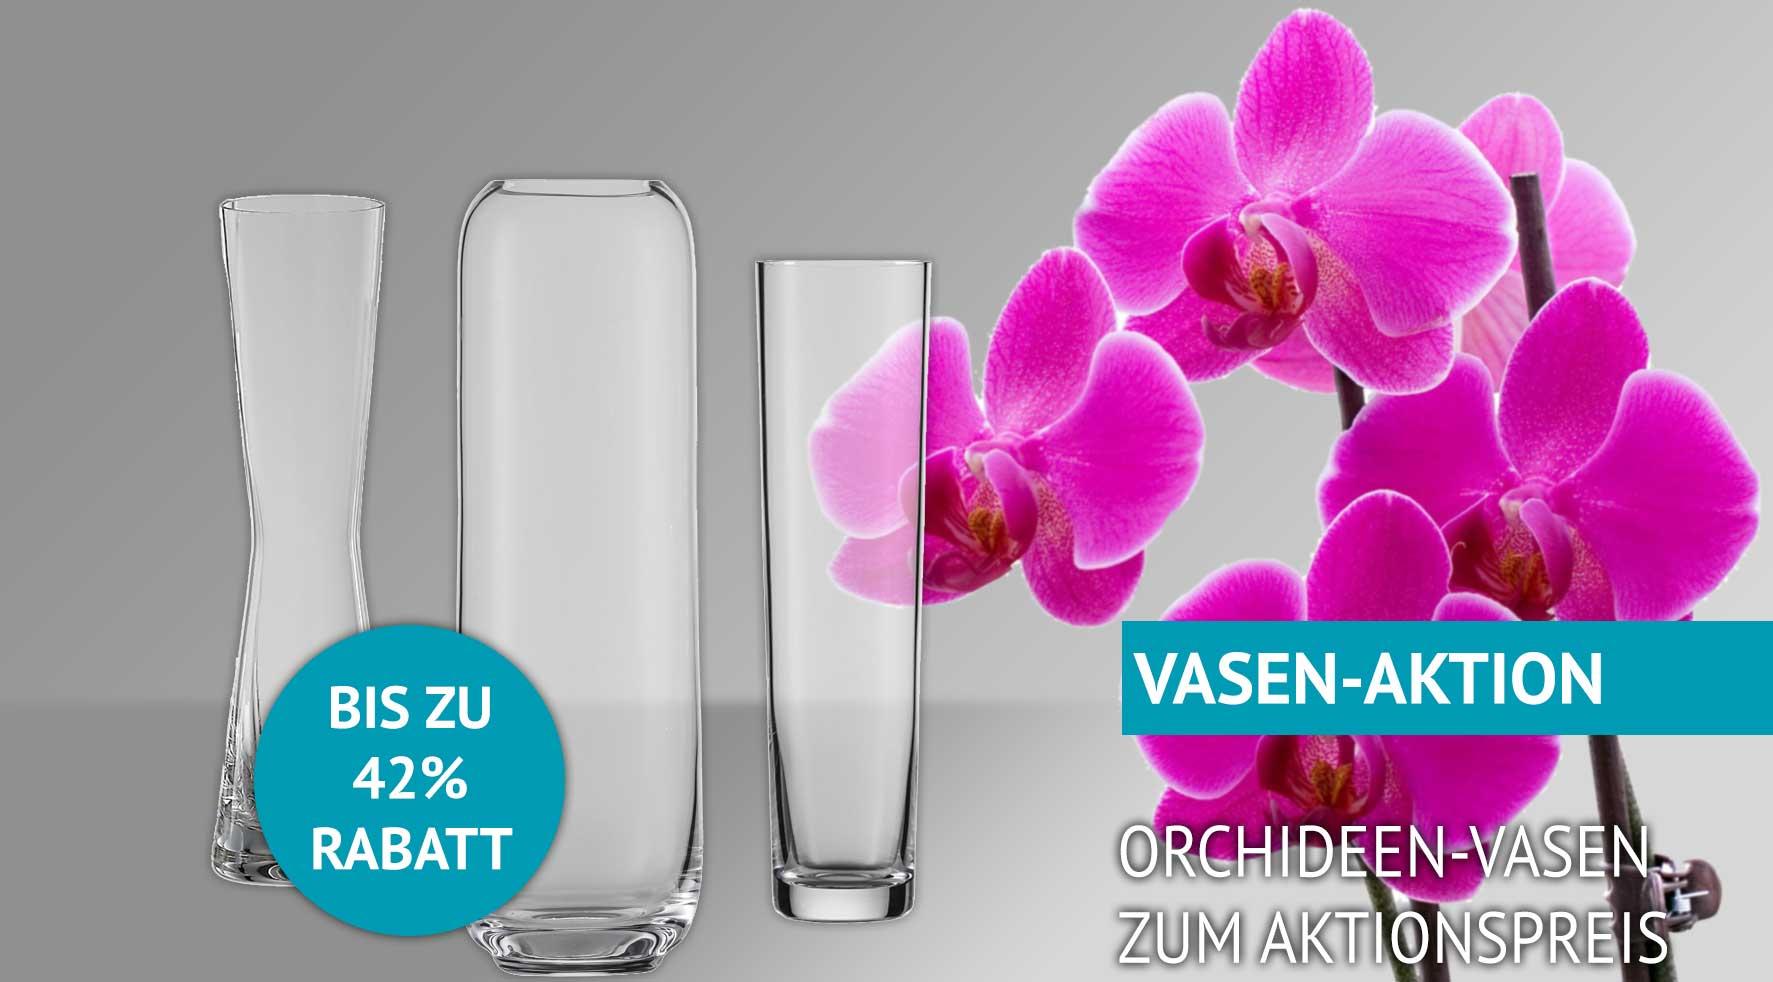 Orchideenvasen im Angebot